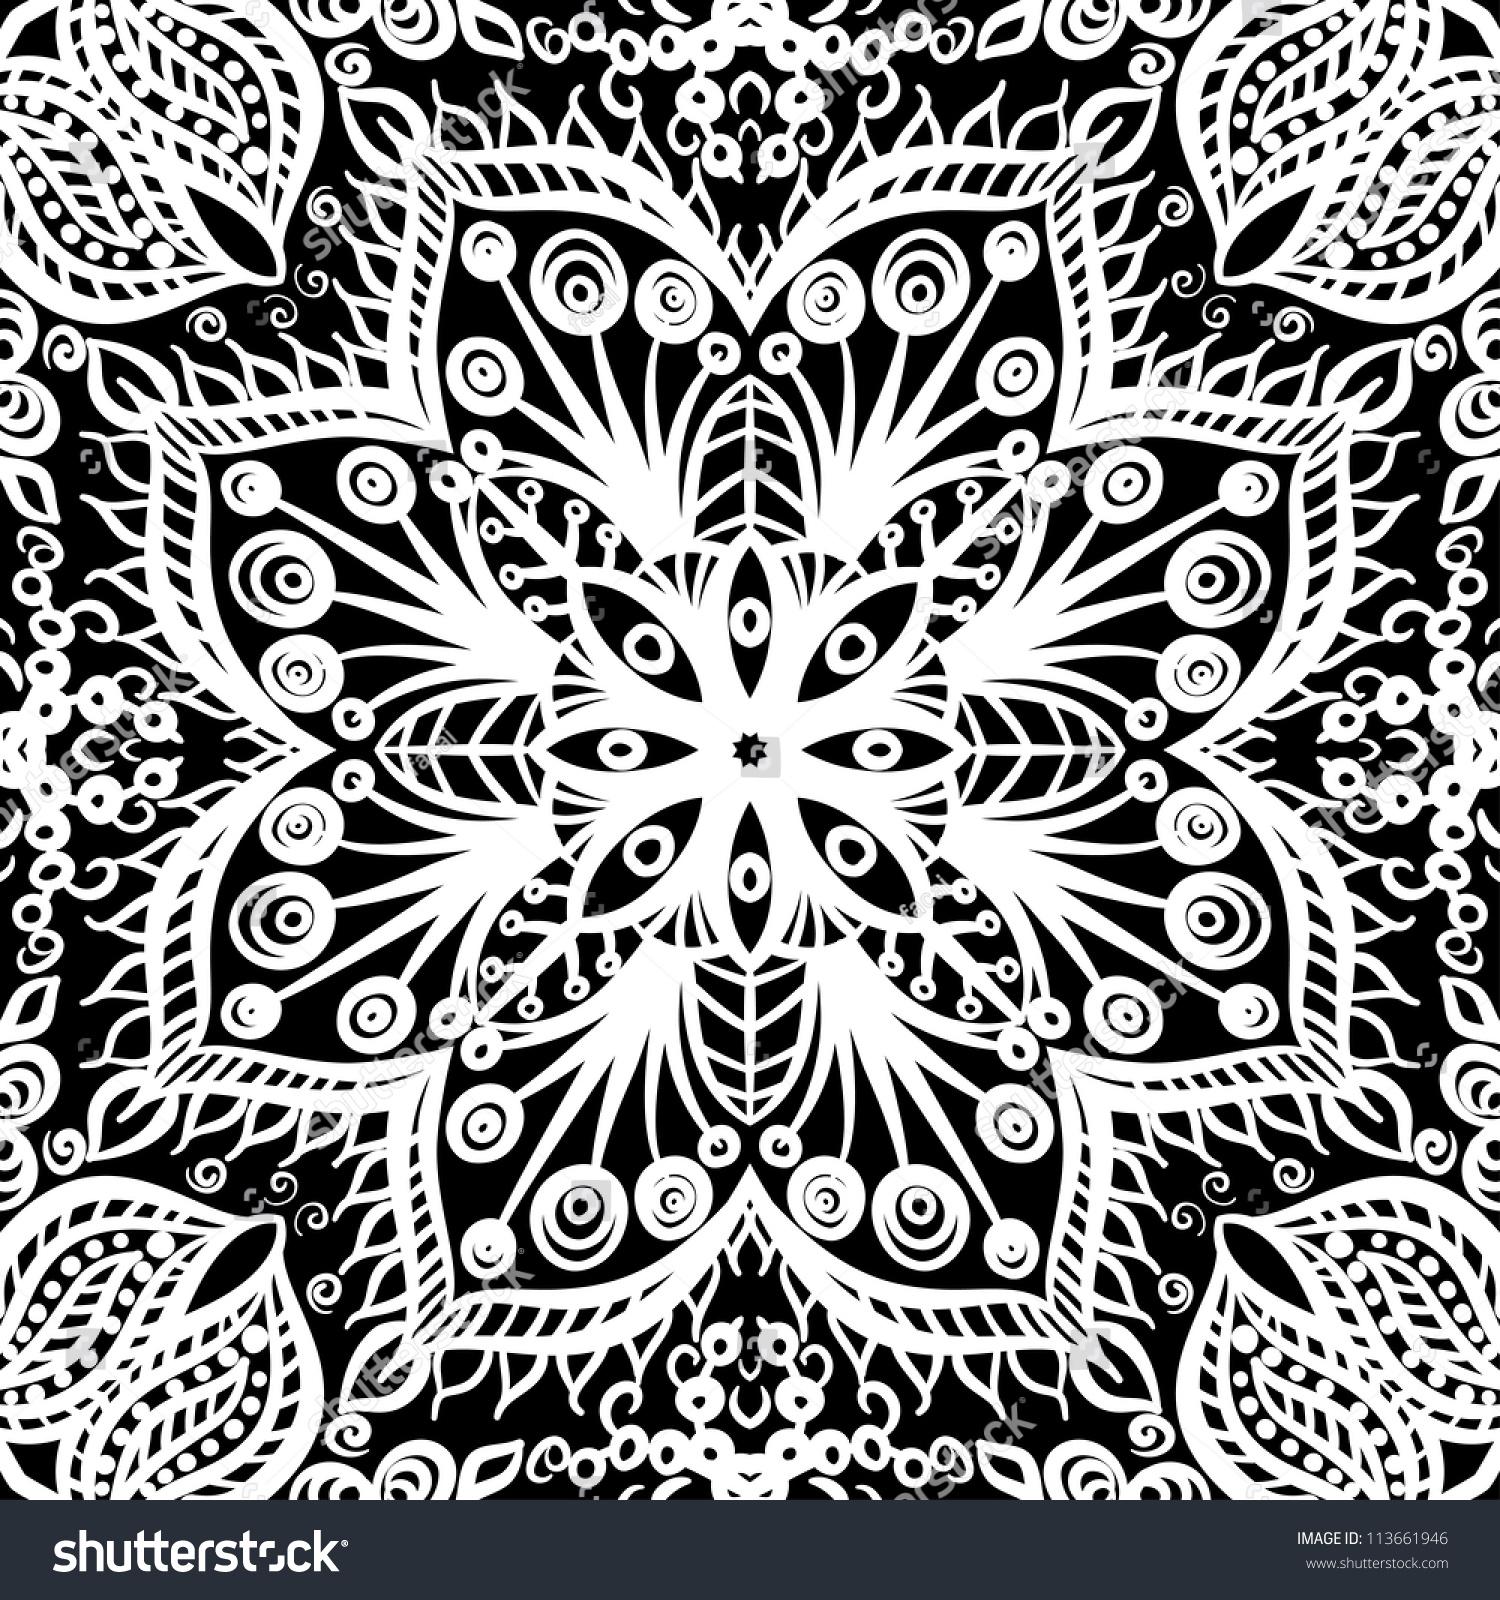 Vintage Floral Background Black White Seamless Stock ...   Black Floral Vintage Pattern